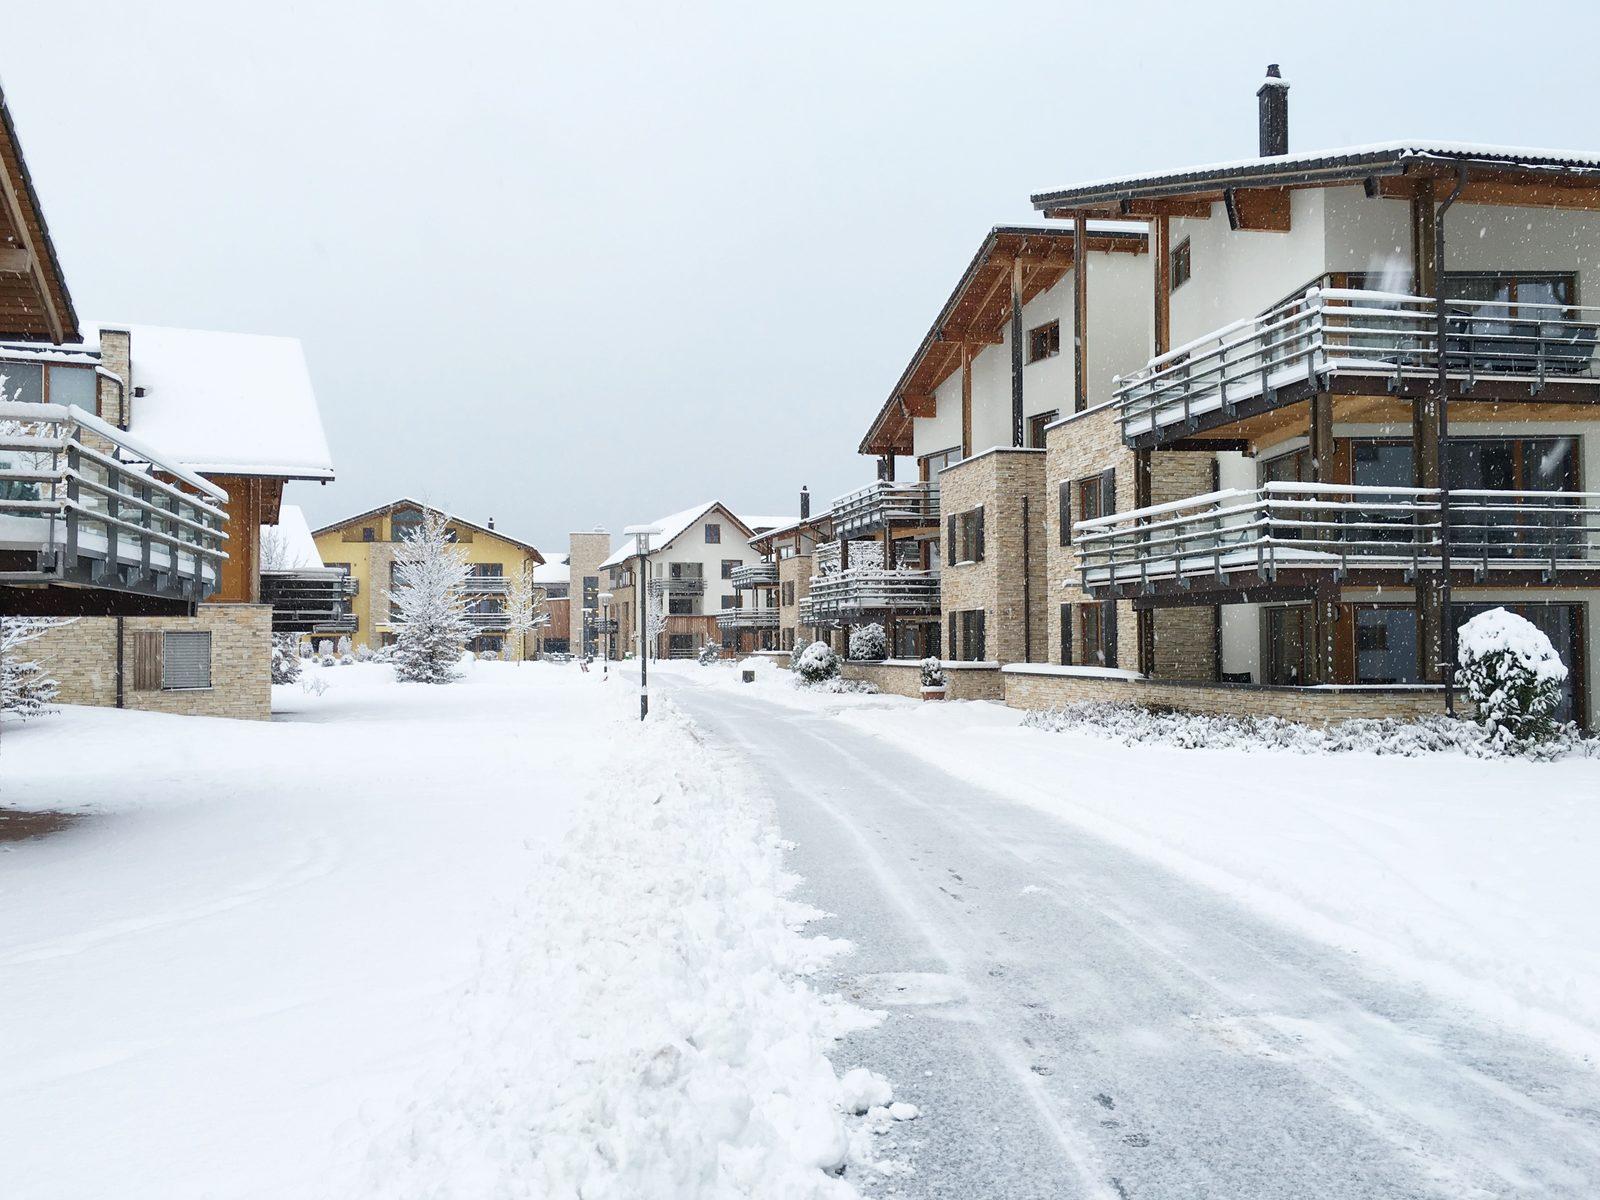 Von Ihrem Ferienhaus oder Apartment aus in Resort Walensee können Sie in 20 Minuten auf dem Flumsberg snowboarden während Ihres Wintersporturlaubs